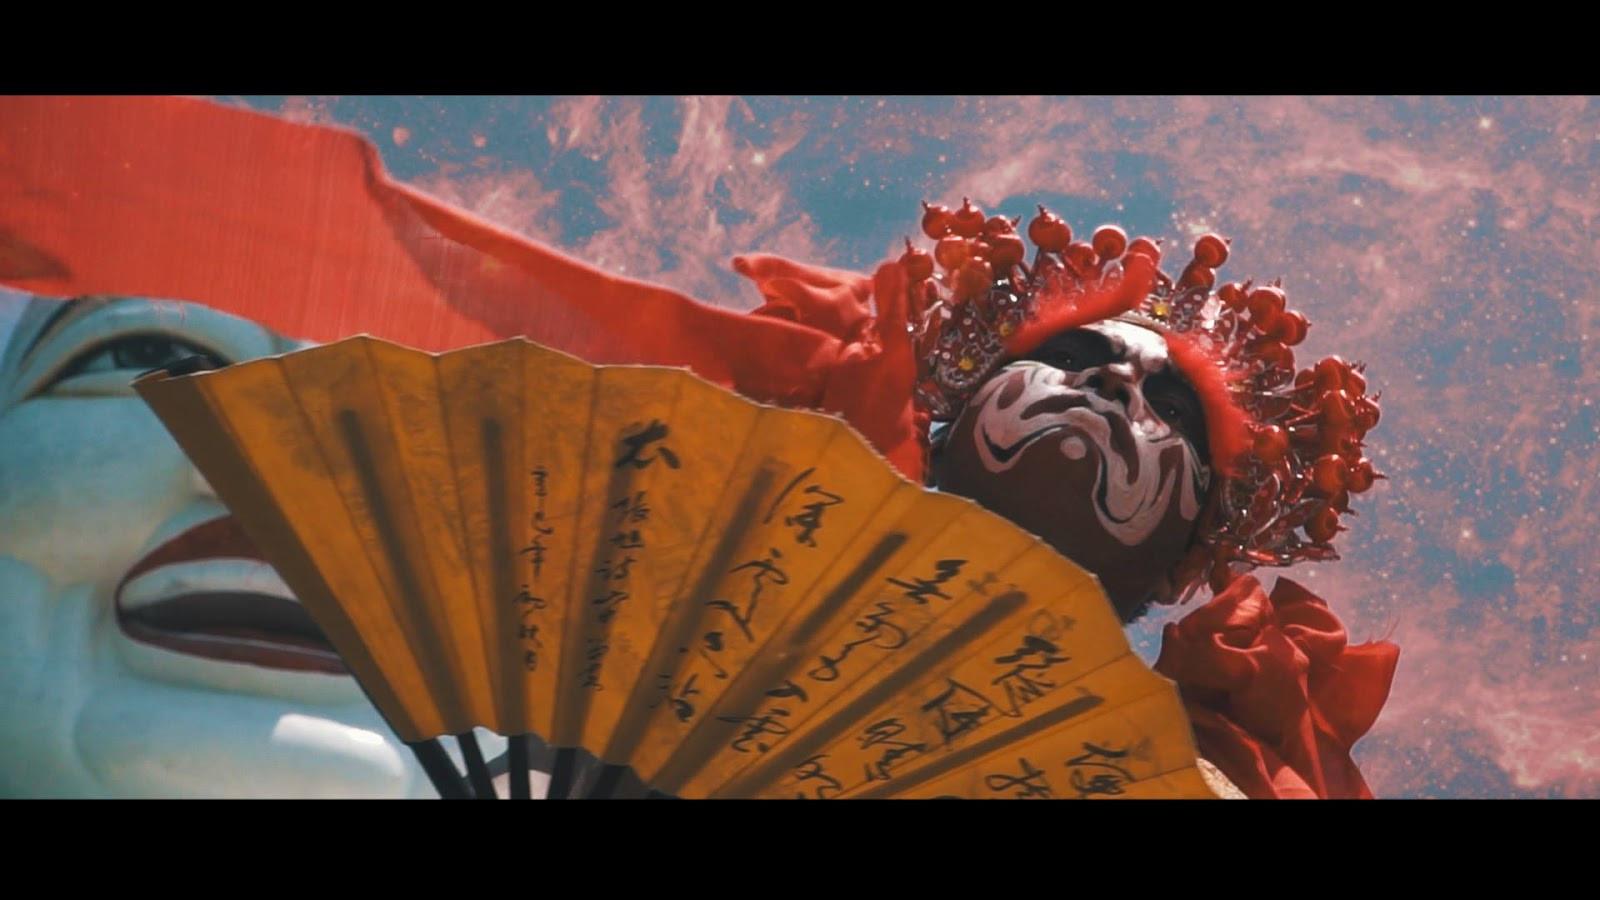 """Ngỡ ngàng trước hình ảnh Sóc Trăng đẹp ngất ngây trong MV  """"Đất Sóc"""" của G5R"""